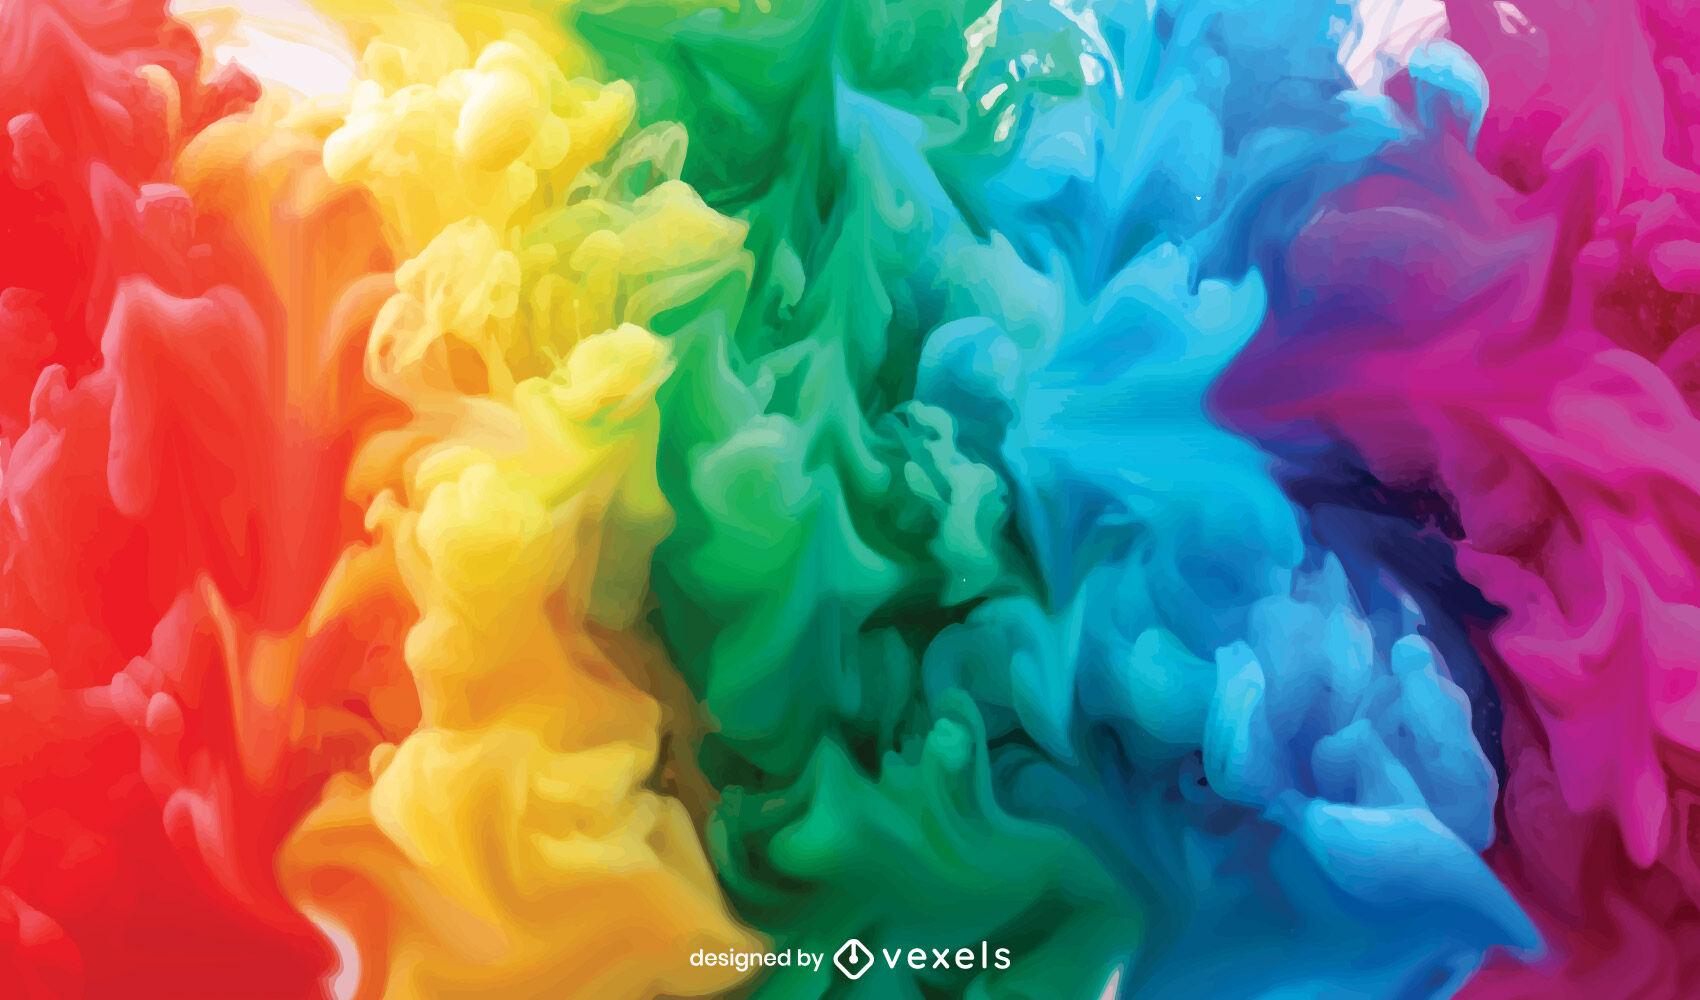 Regenbogen-Rauchwolken-Hintergrunddesign